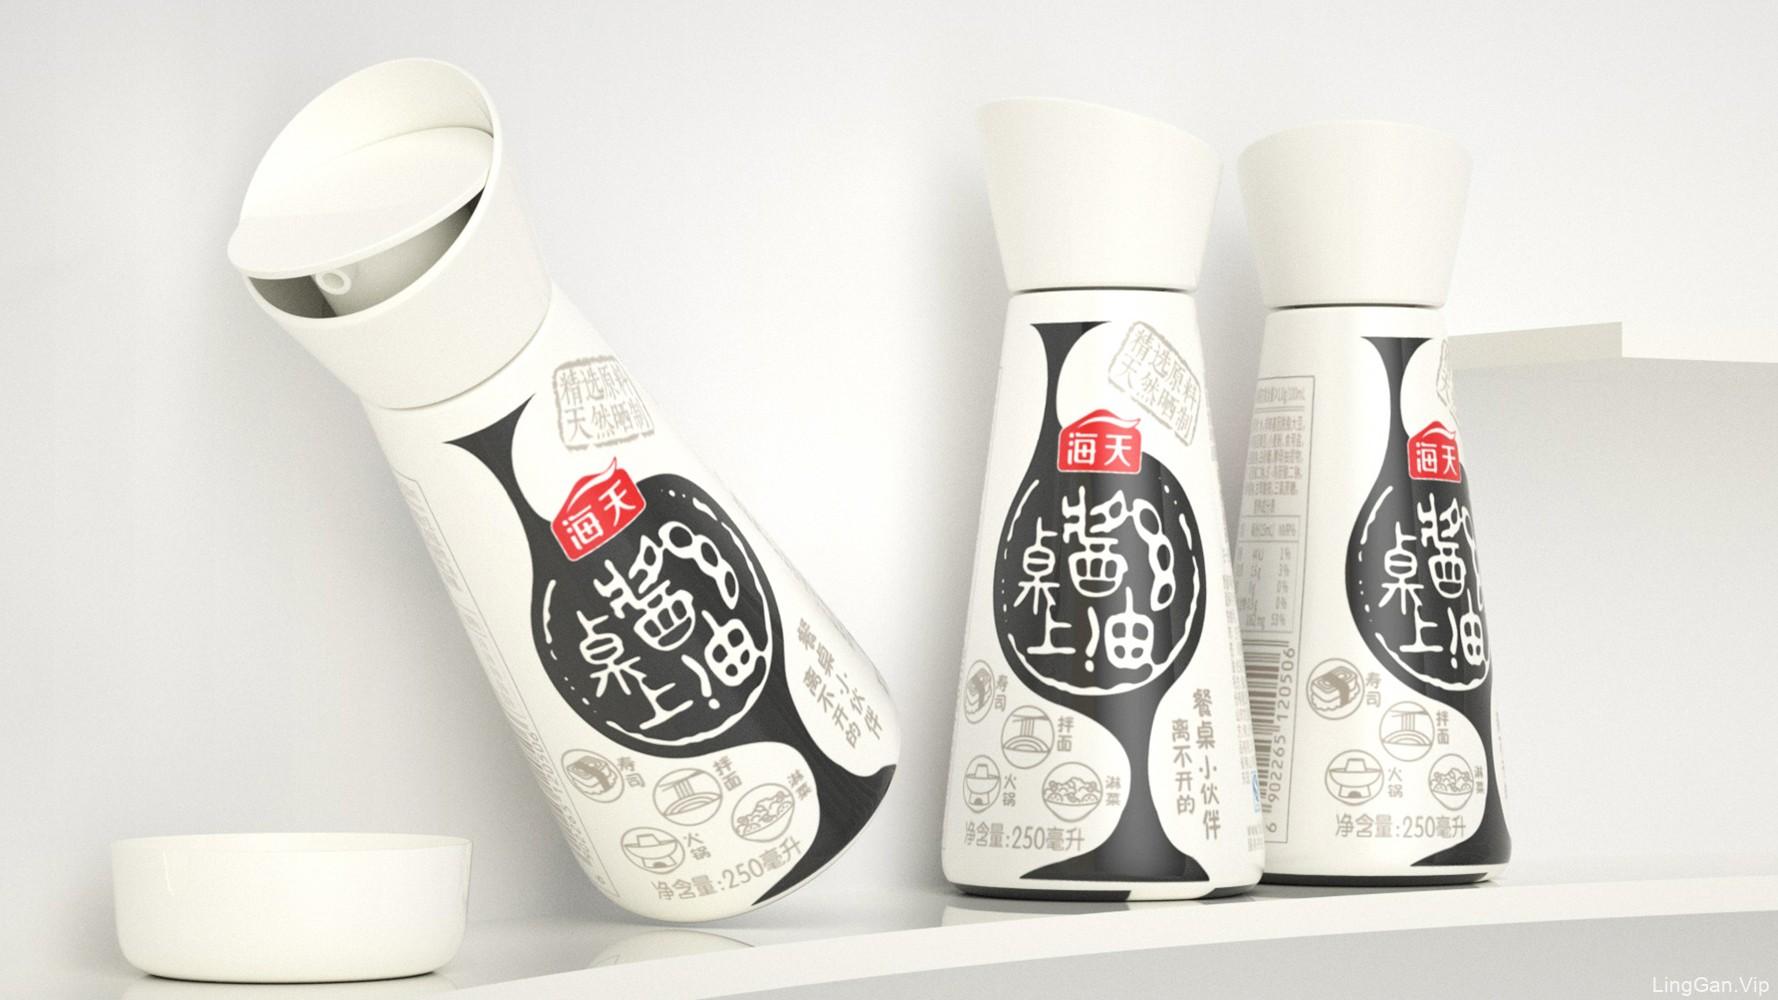 海天桌上酱油包装设计造型瓶型设计